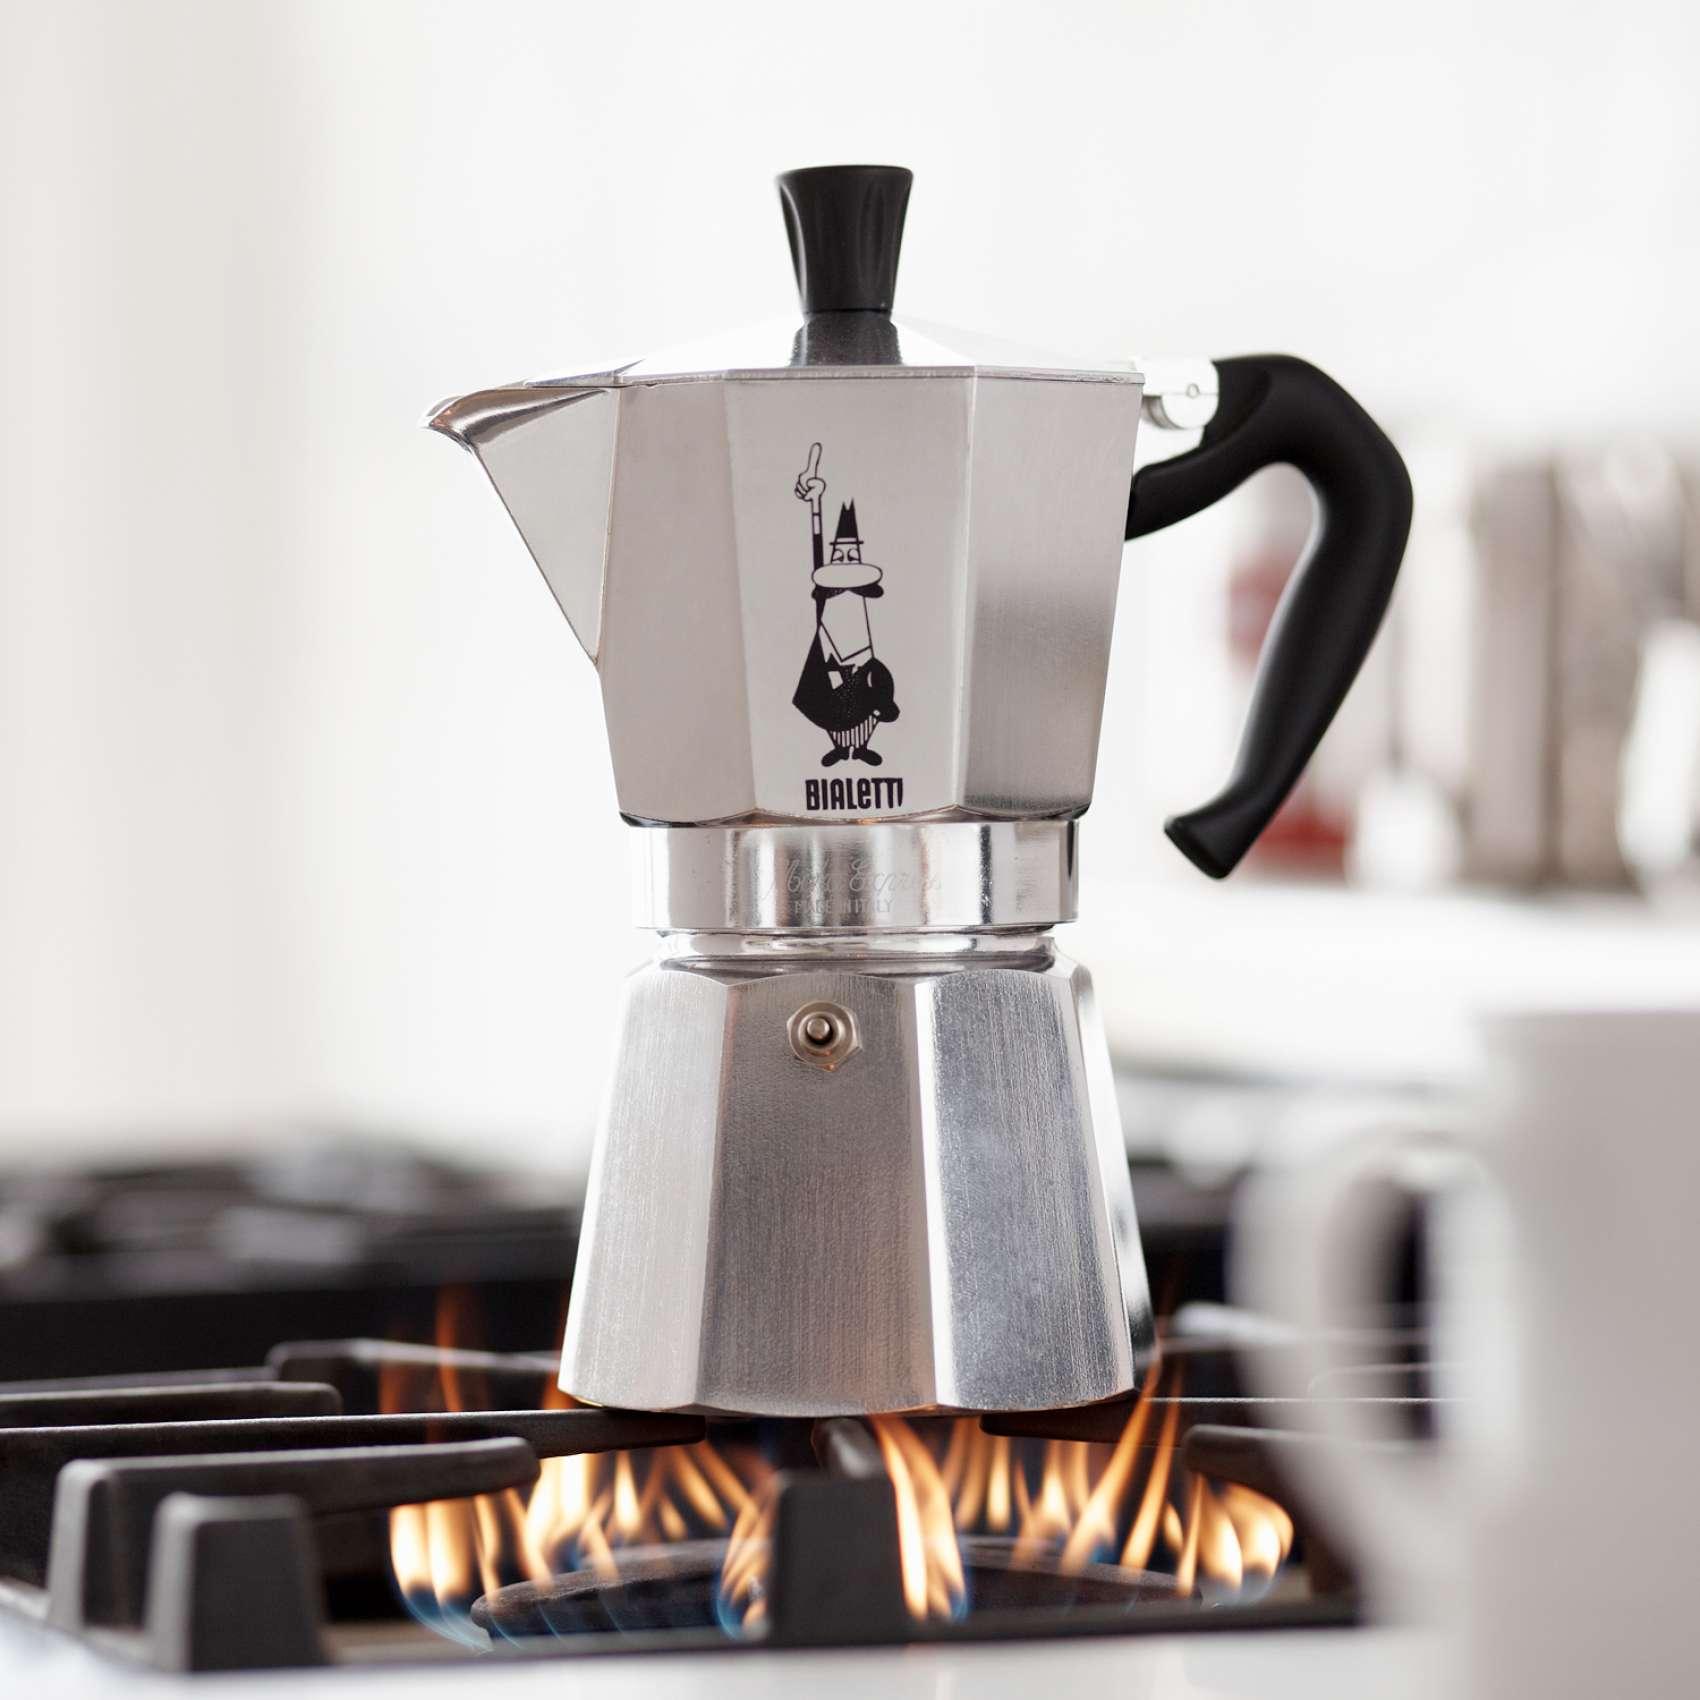 Moka Pot - кофеварка гейзерного типа